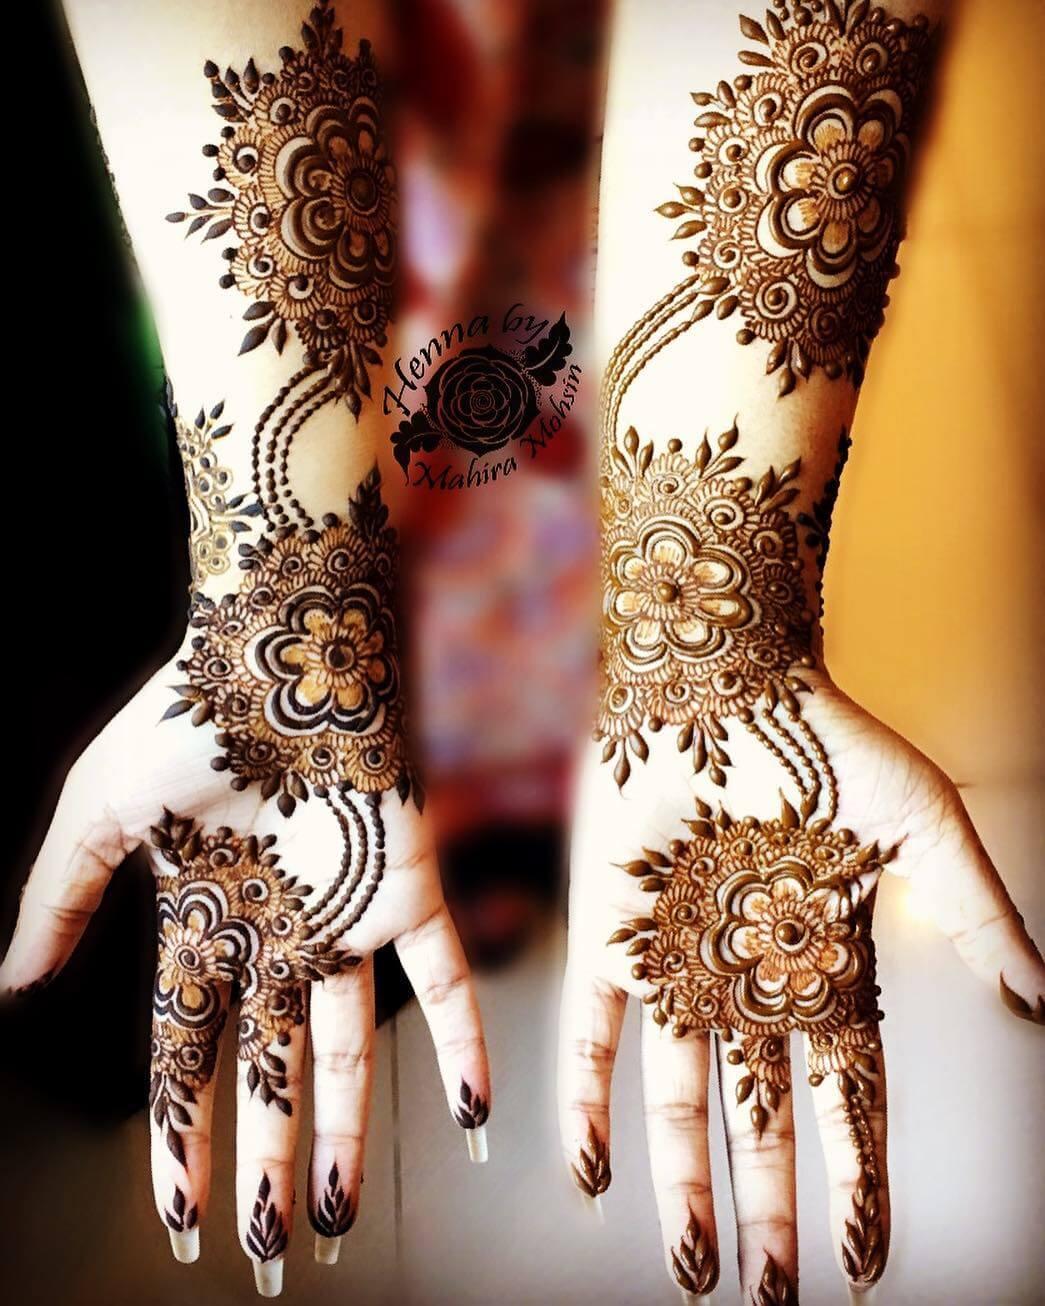 Delightful Bridal Floral Henna Design